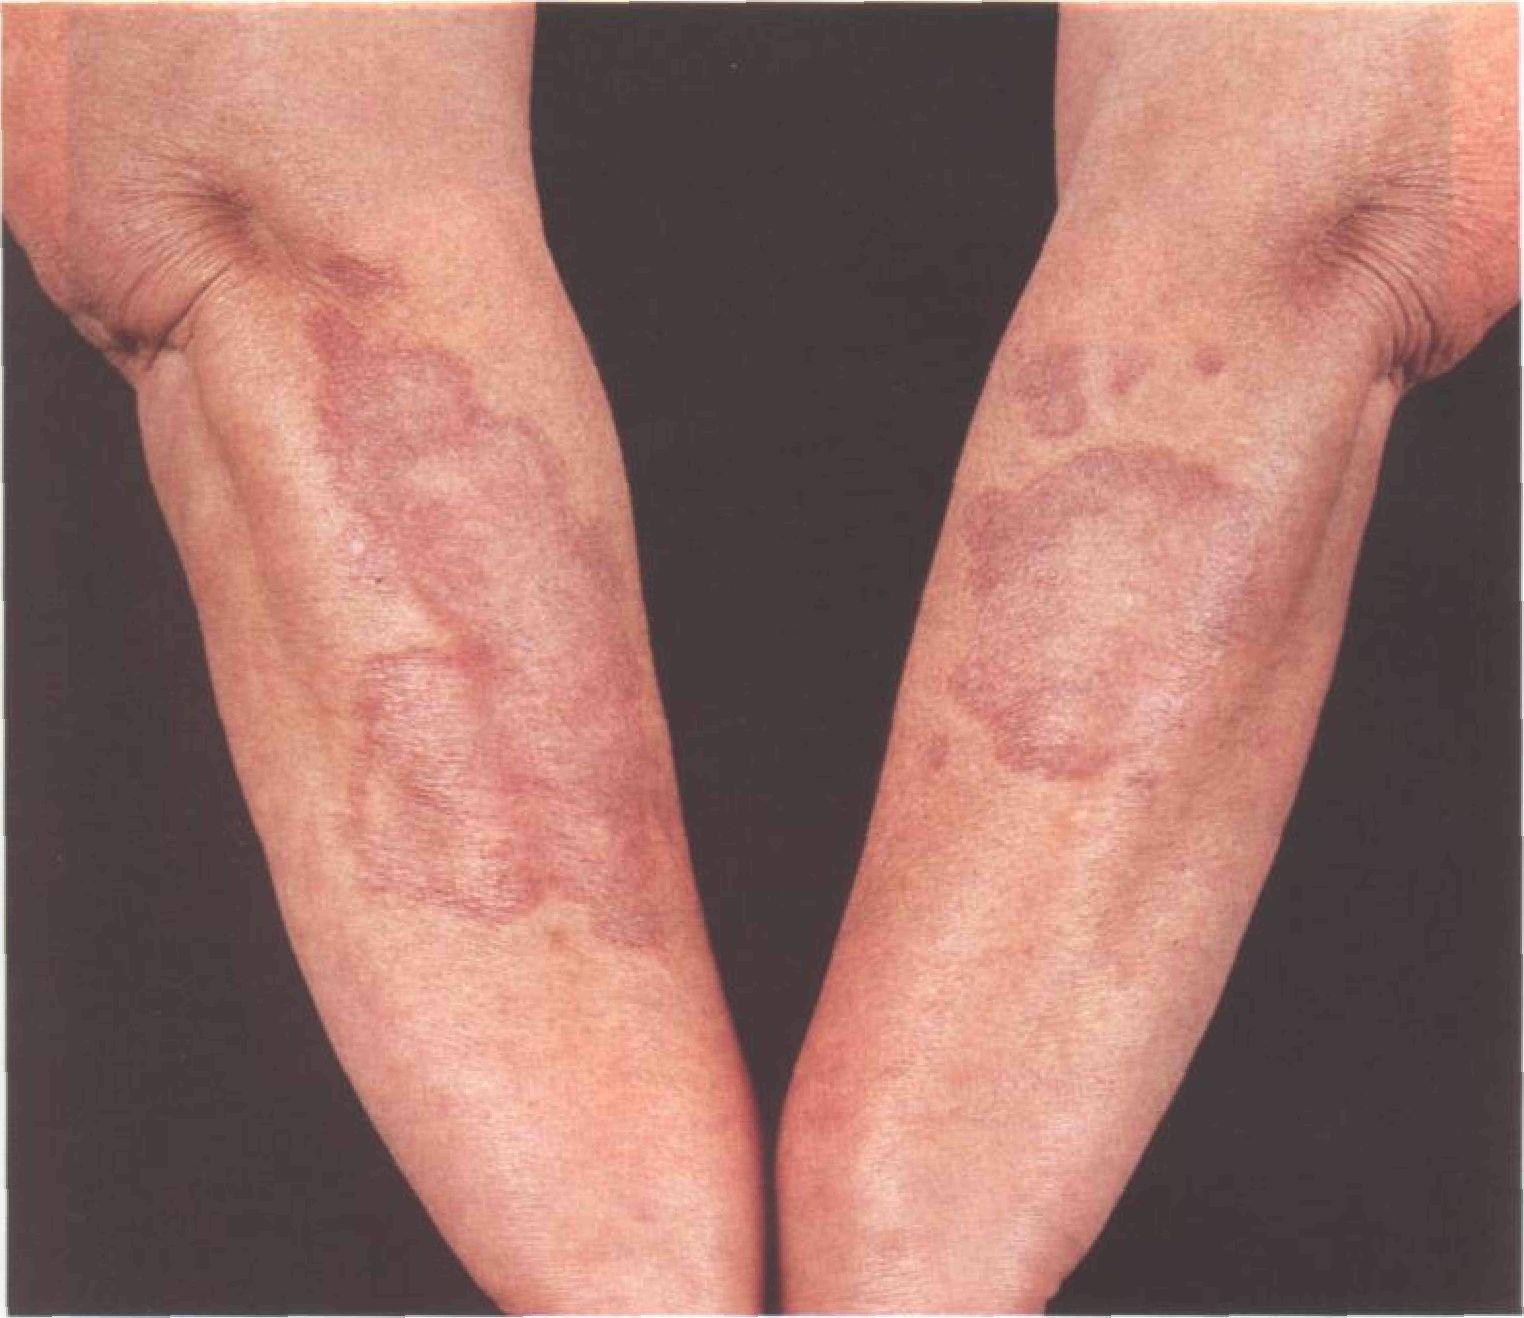 Псориаз на коленях симптомы и лечение (фото)